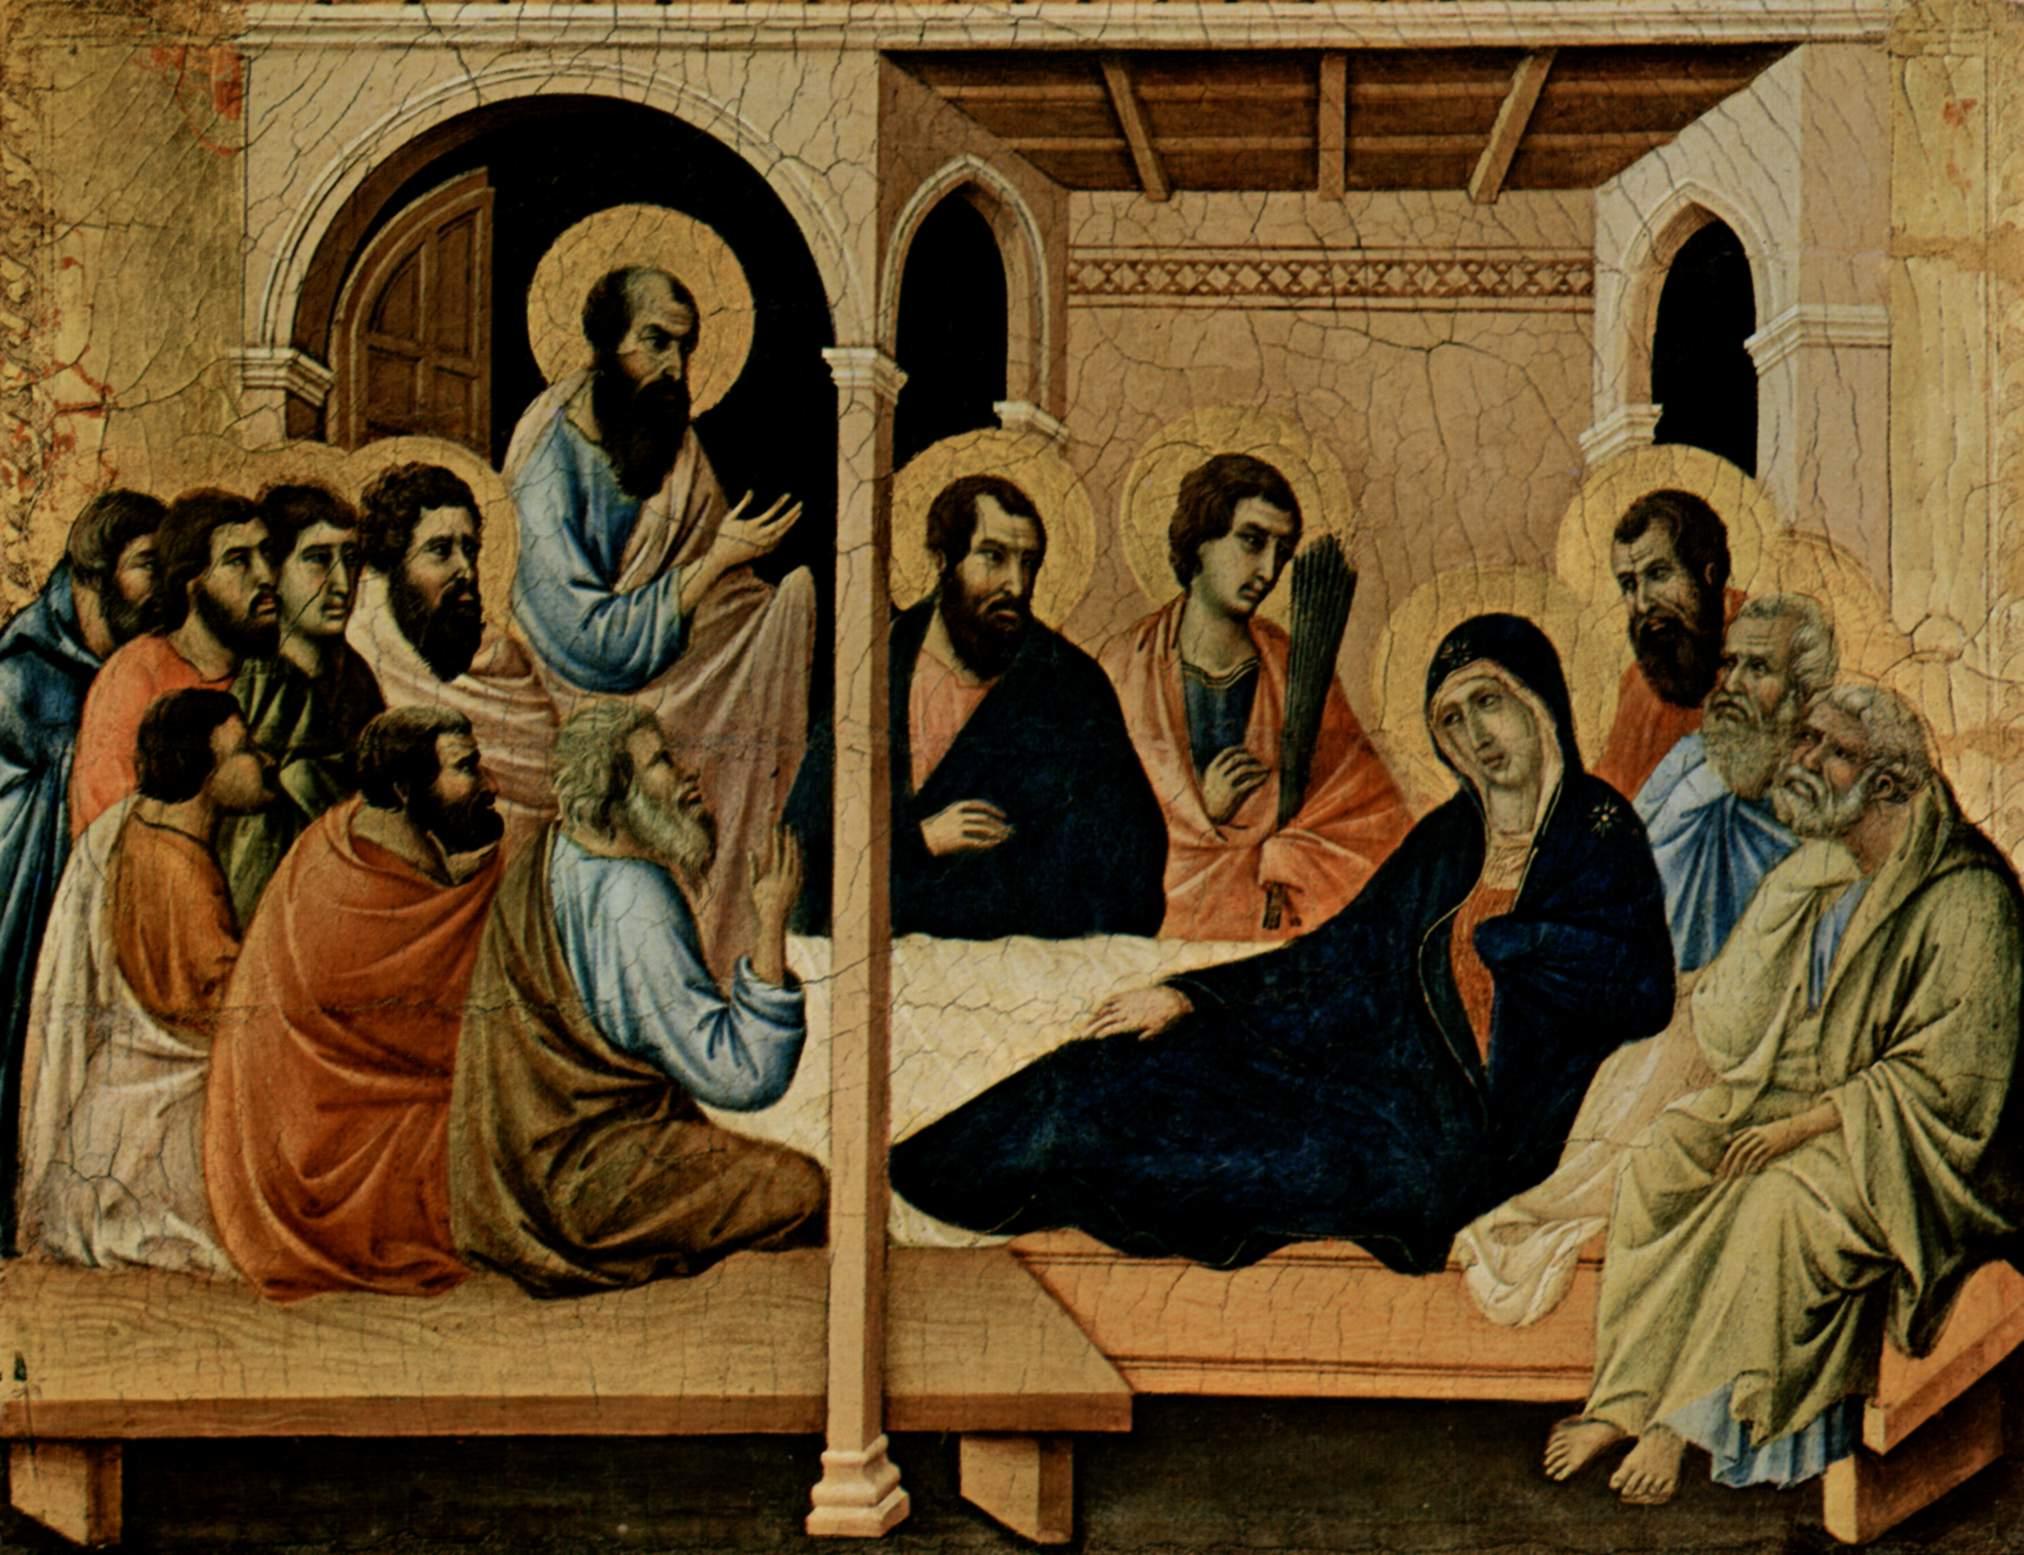 Маэста, алтарь сиенского кафедрального собора, передняя сторона, Алтарь со сценами Успения Марии, Дуччо ди Буонинсенья